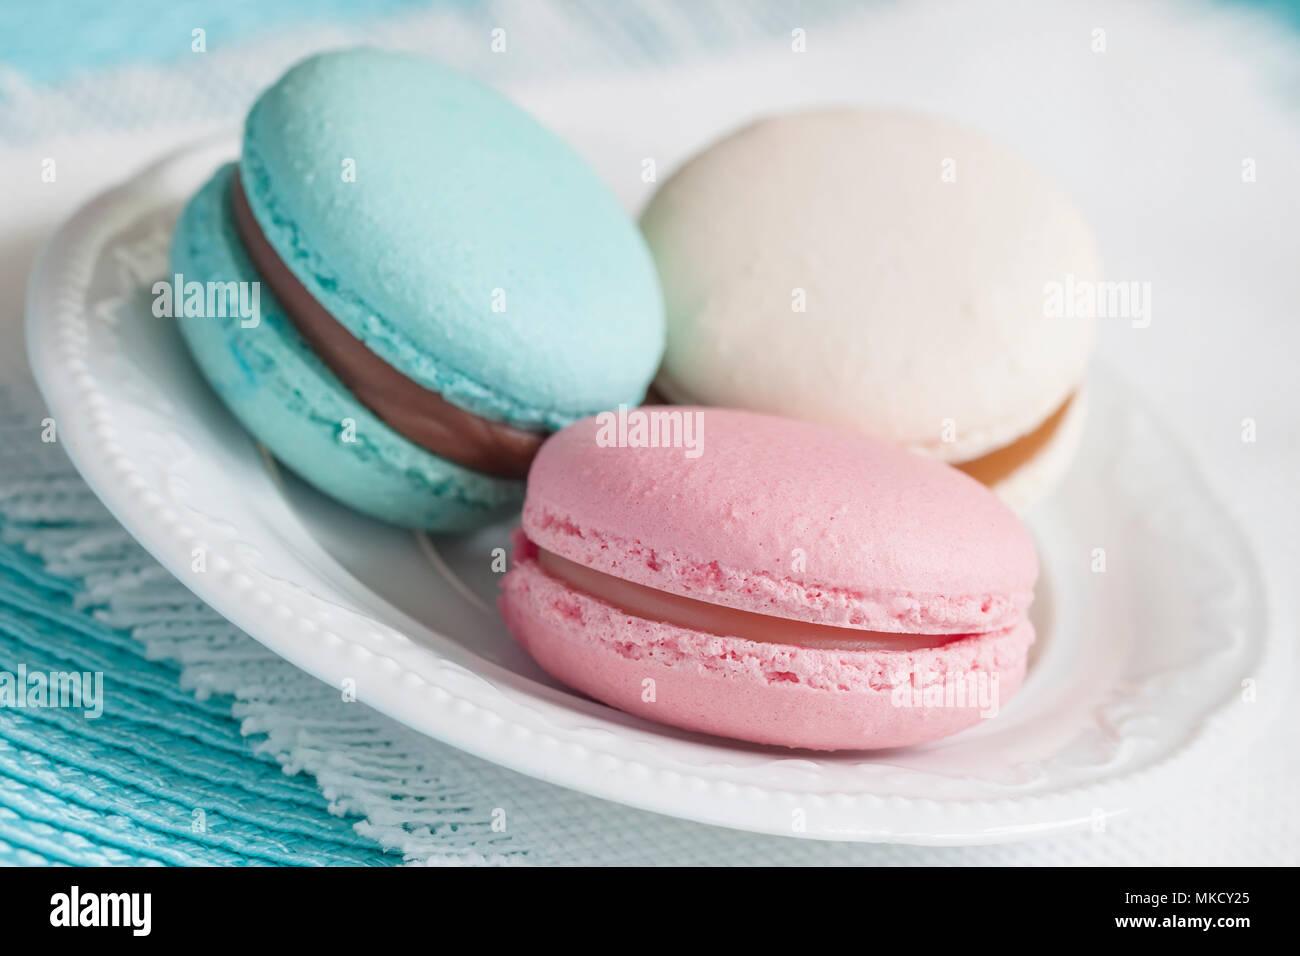 Trois macarons de différentes couleurs et goûts différents dans une assiette blanche Photo Stock